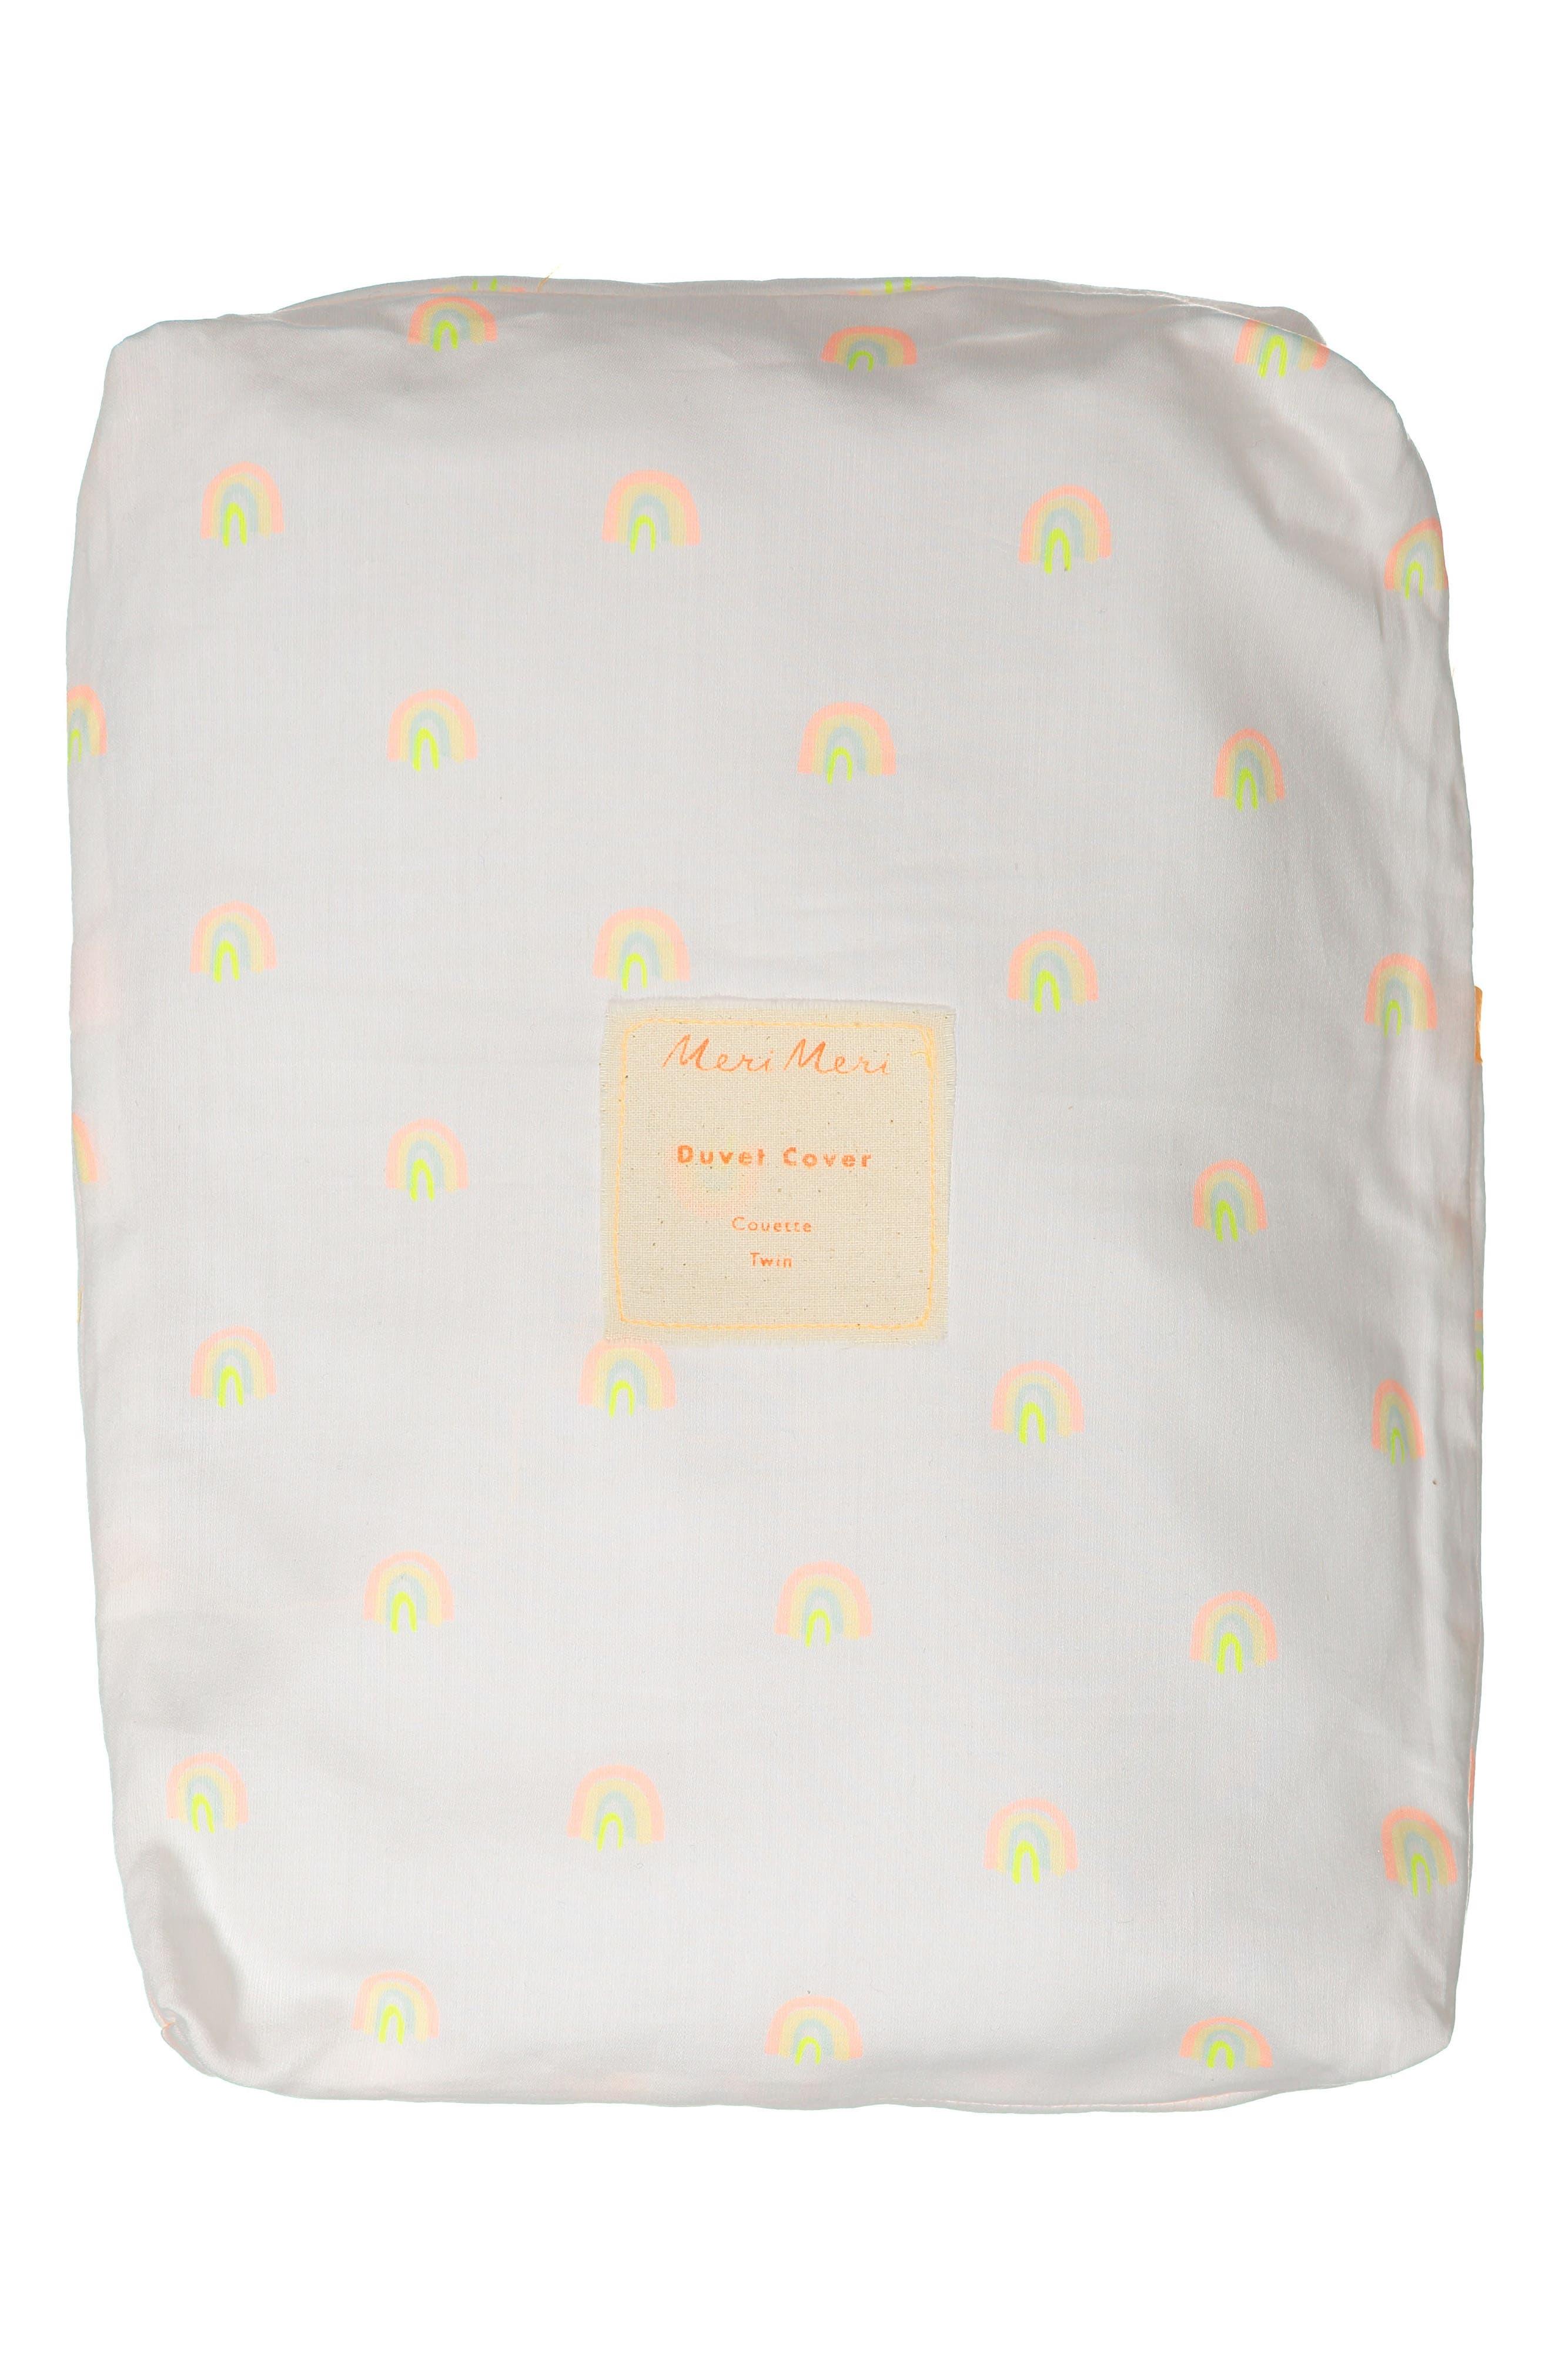 Alternate Image 3  - Meri Meri Rainbow Organic Cotton Twin Duvet Cover